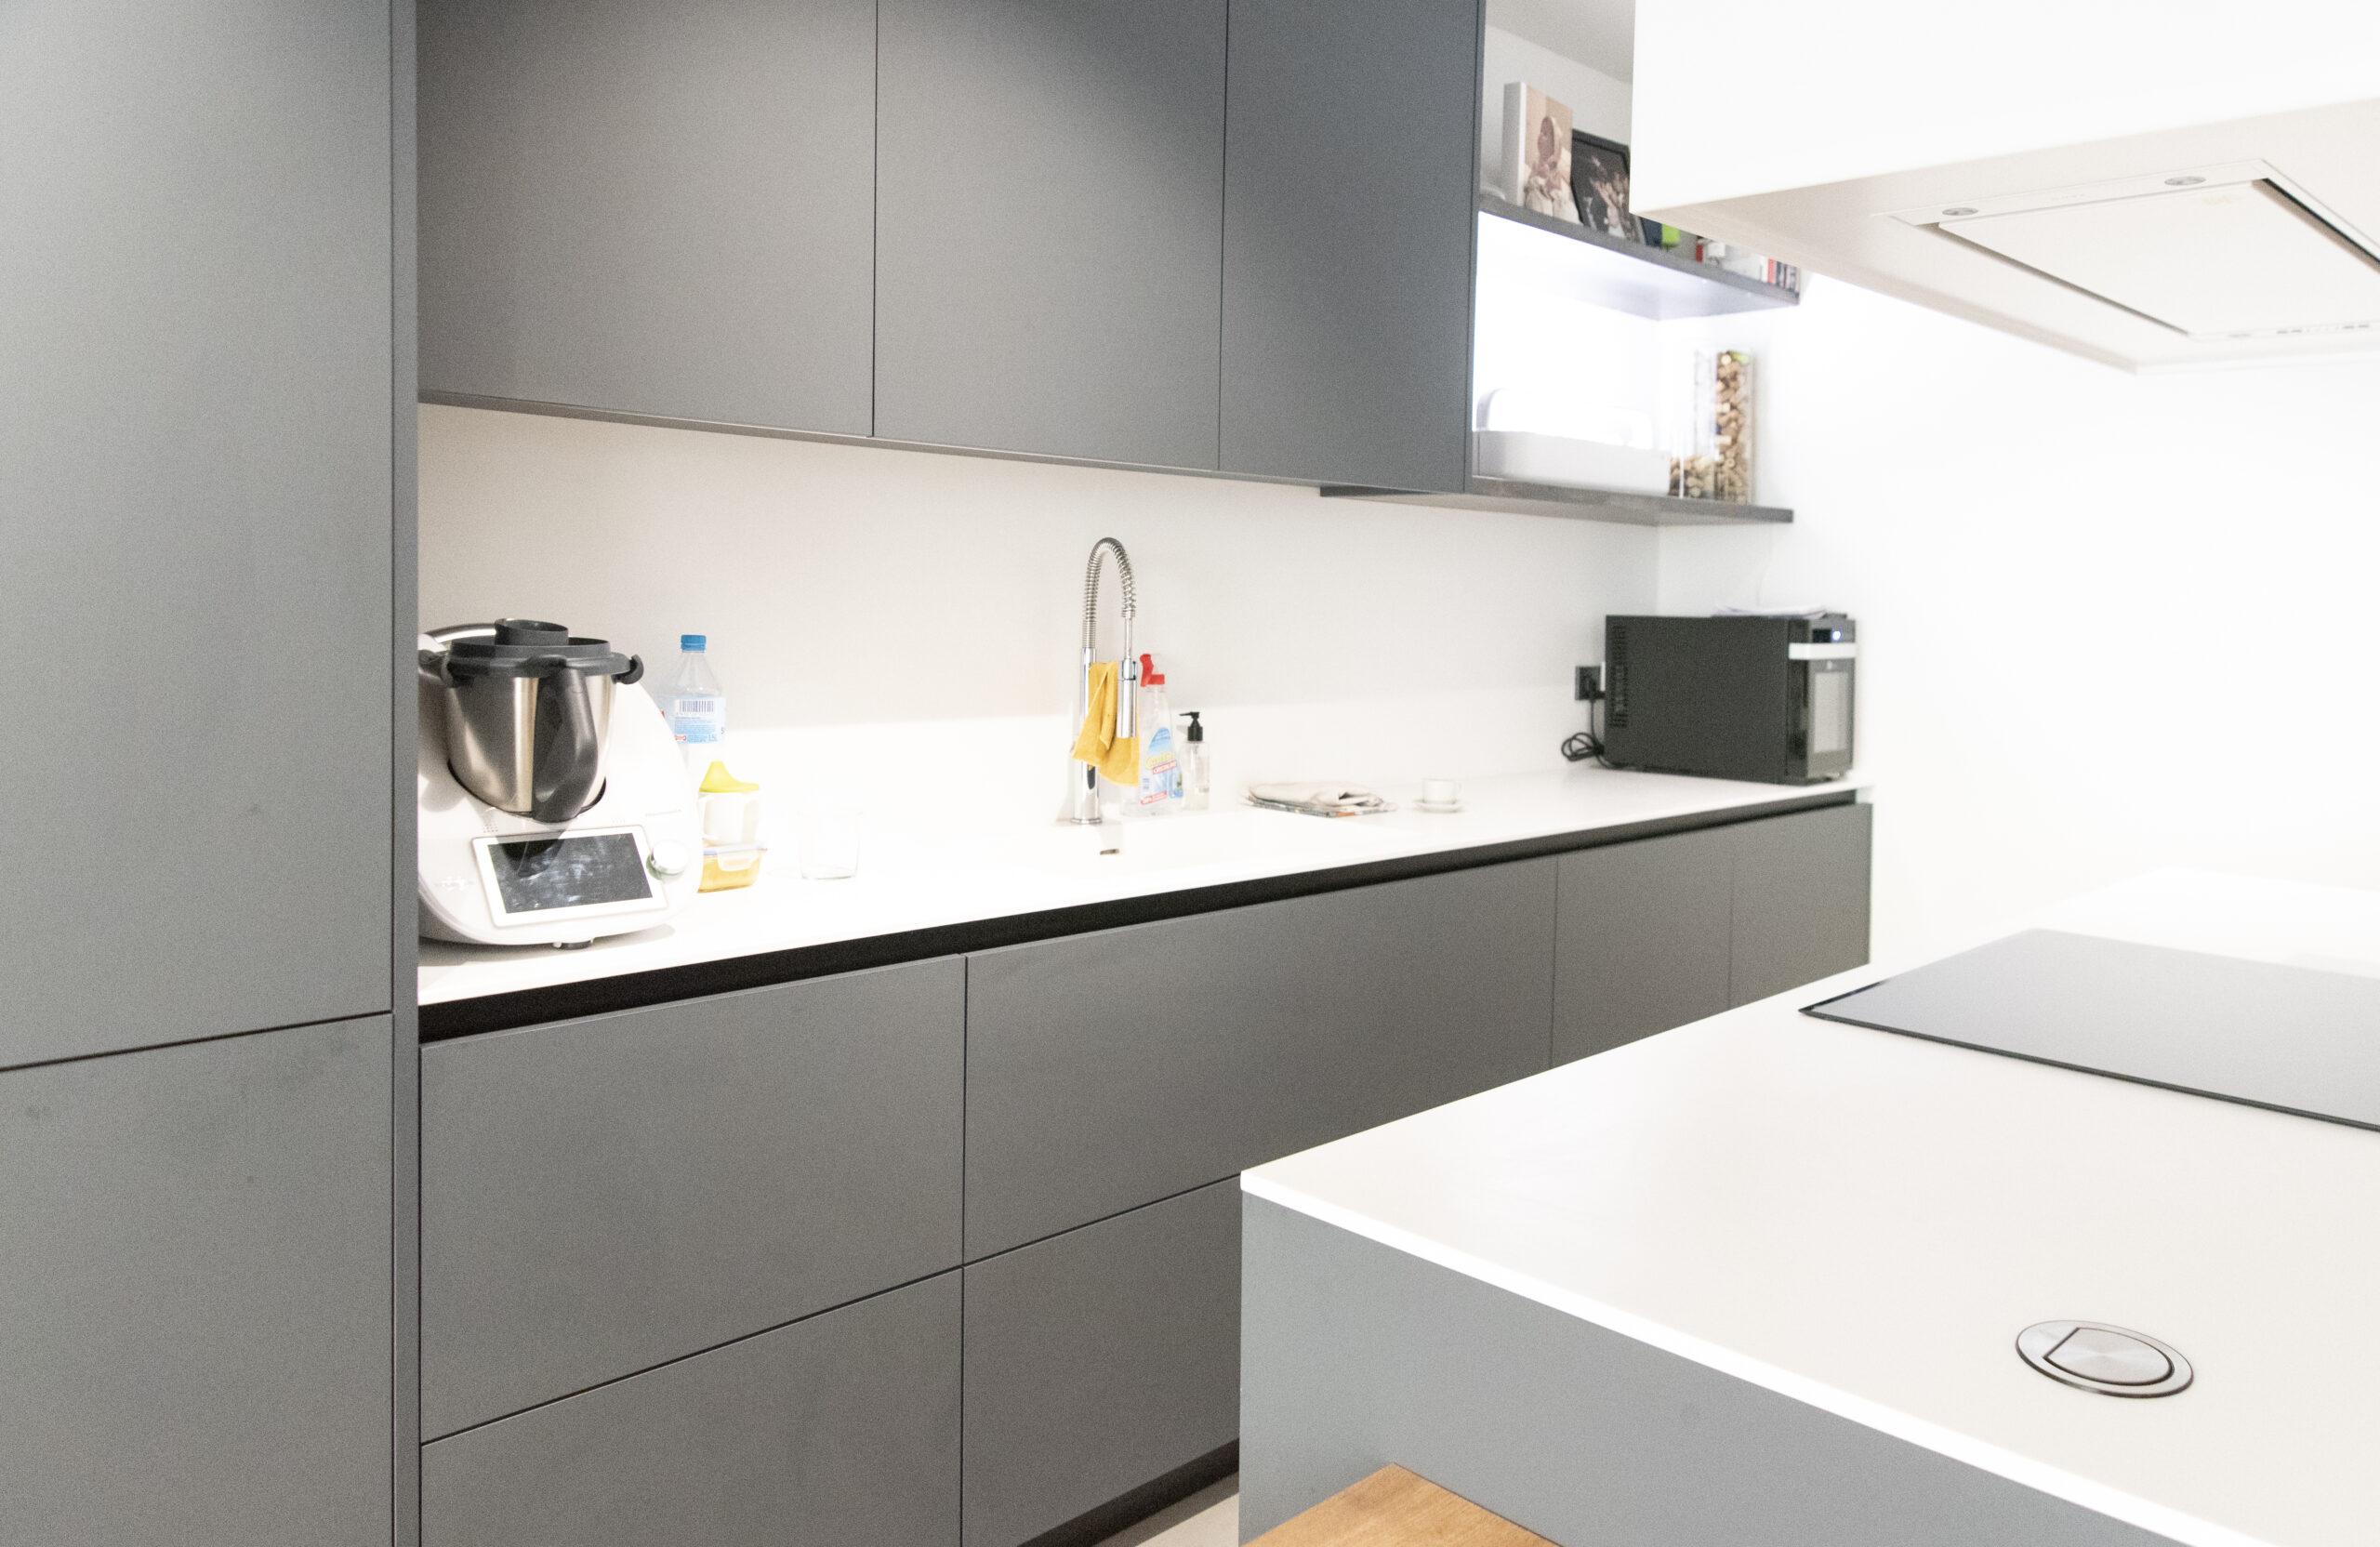 Cocina-antes-02